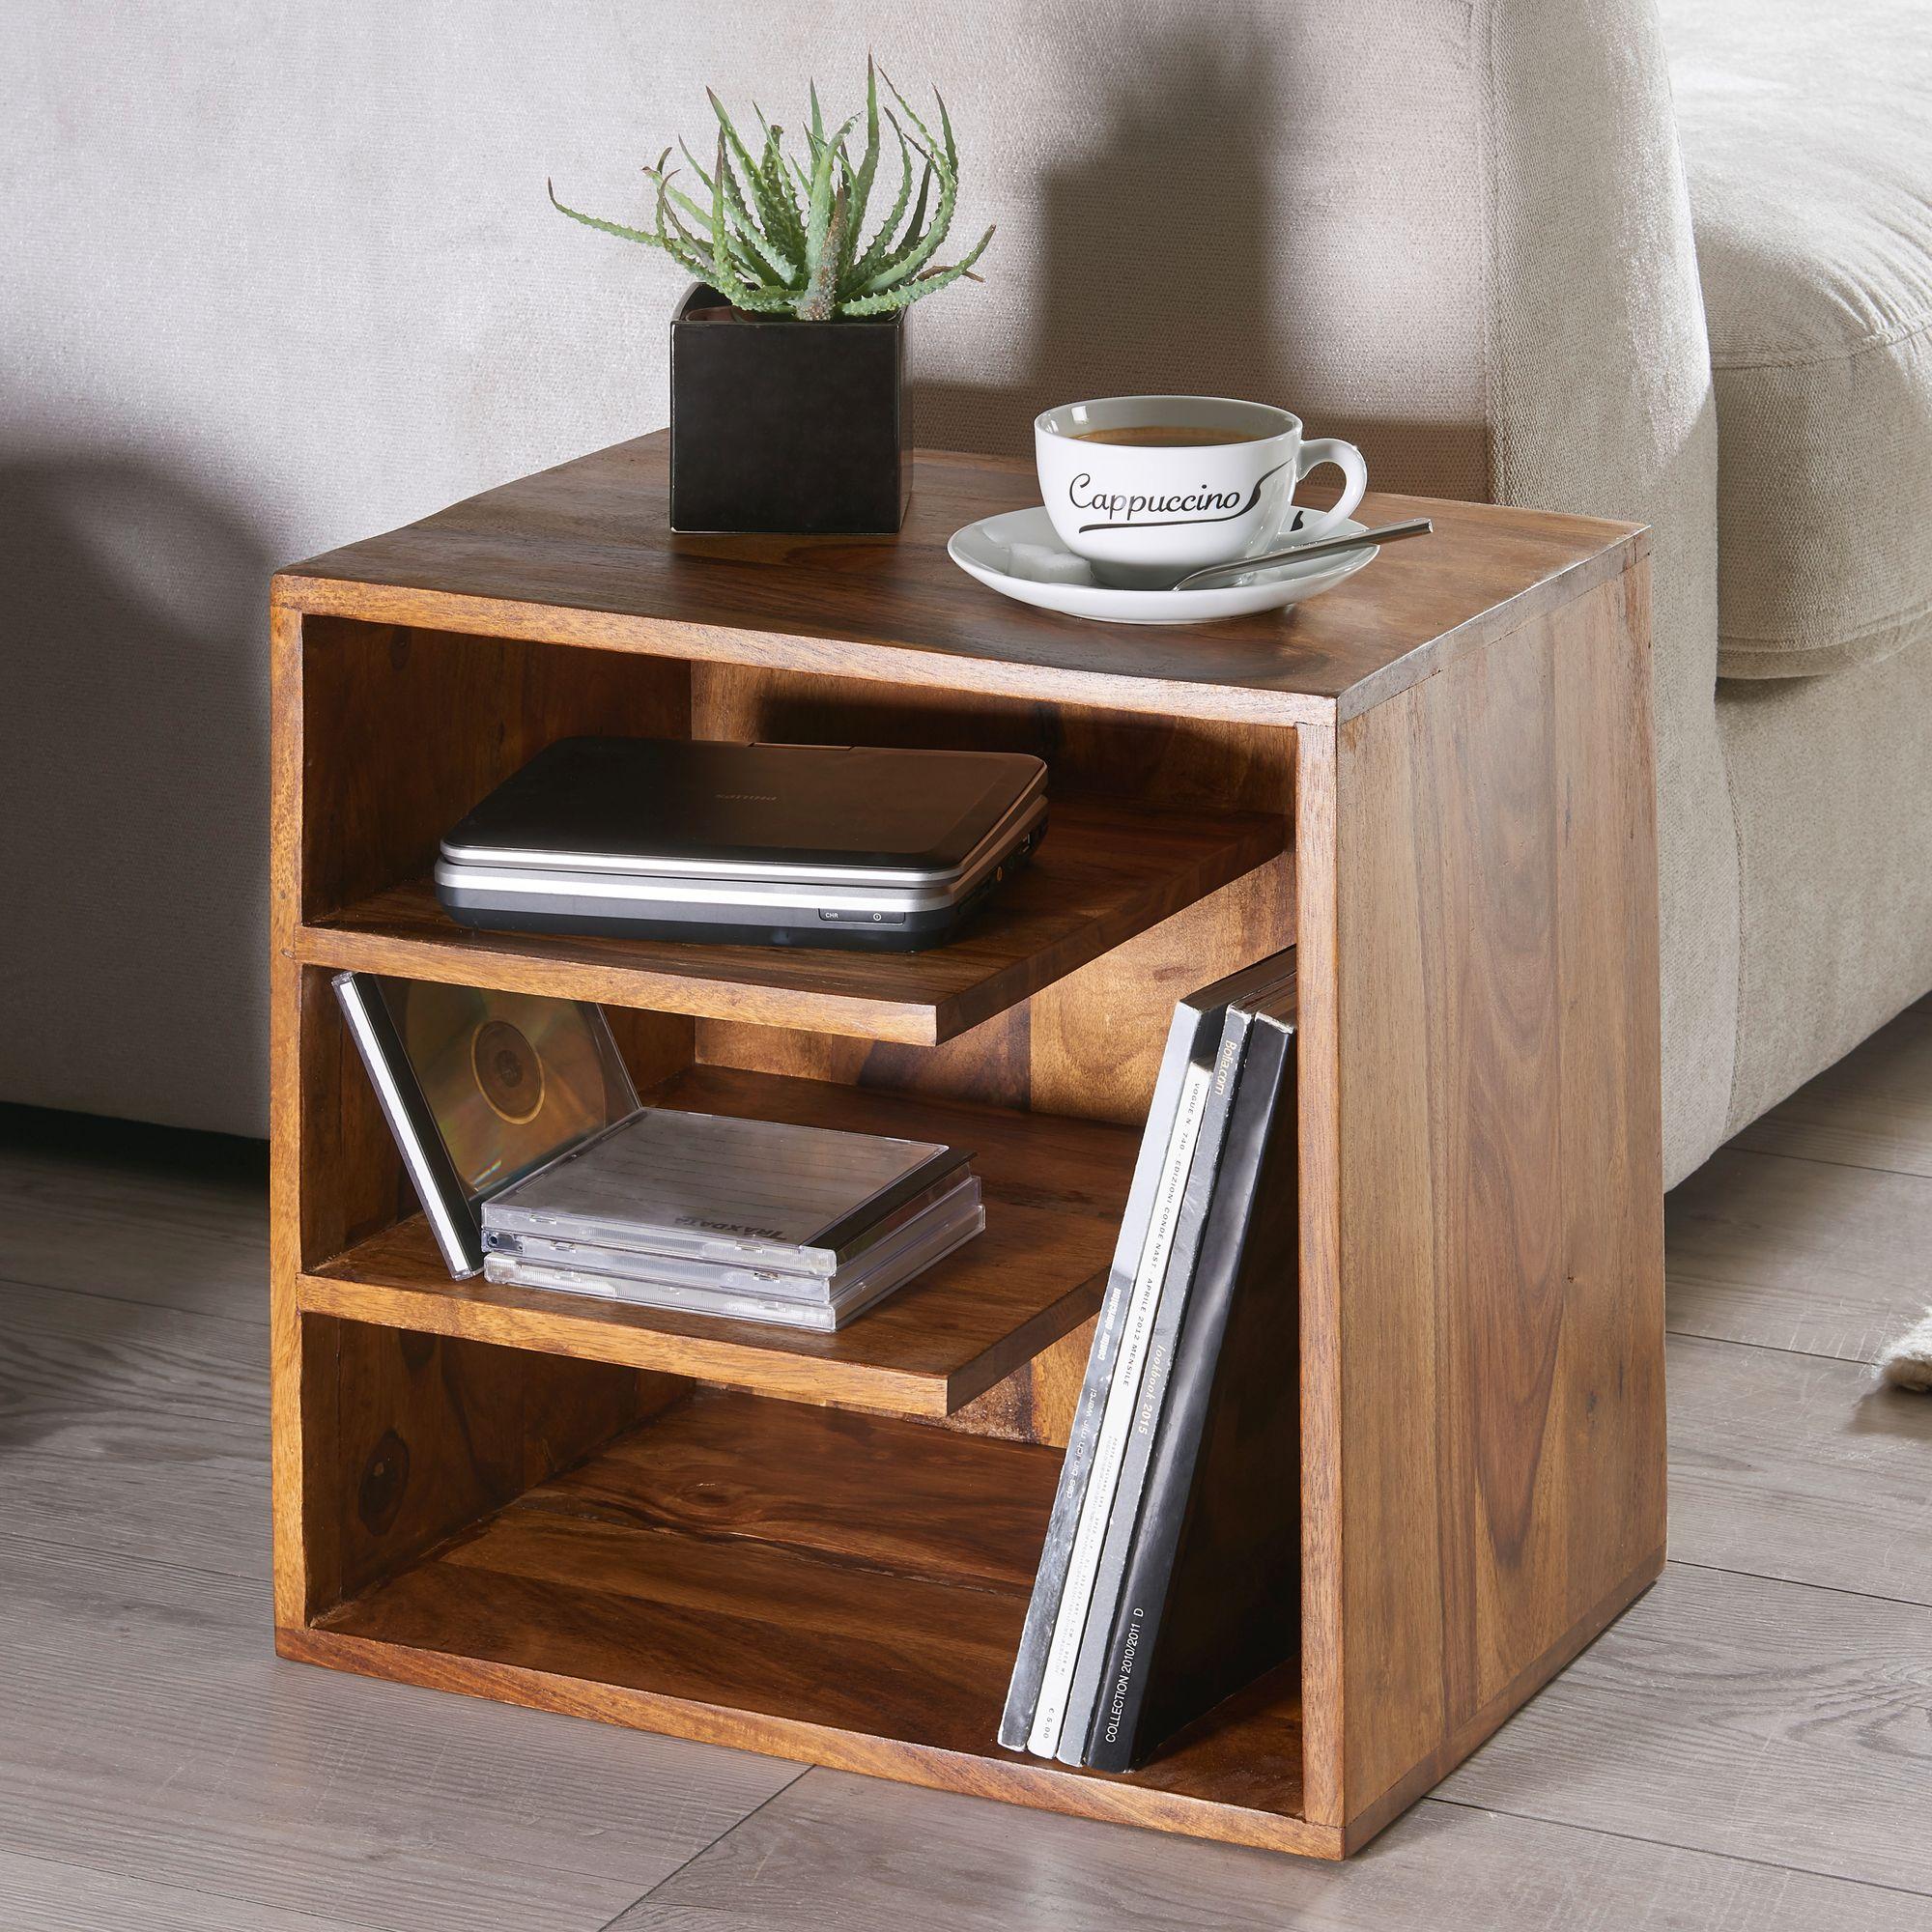 Petite Table De Nuit Bois table surnar 43x43x30 de bois sheesham design table de chevet ; petite  table basse avec étagères ; table design en bois massif ; console de nuit  en